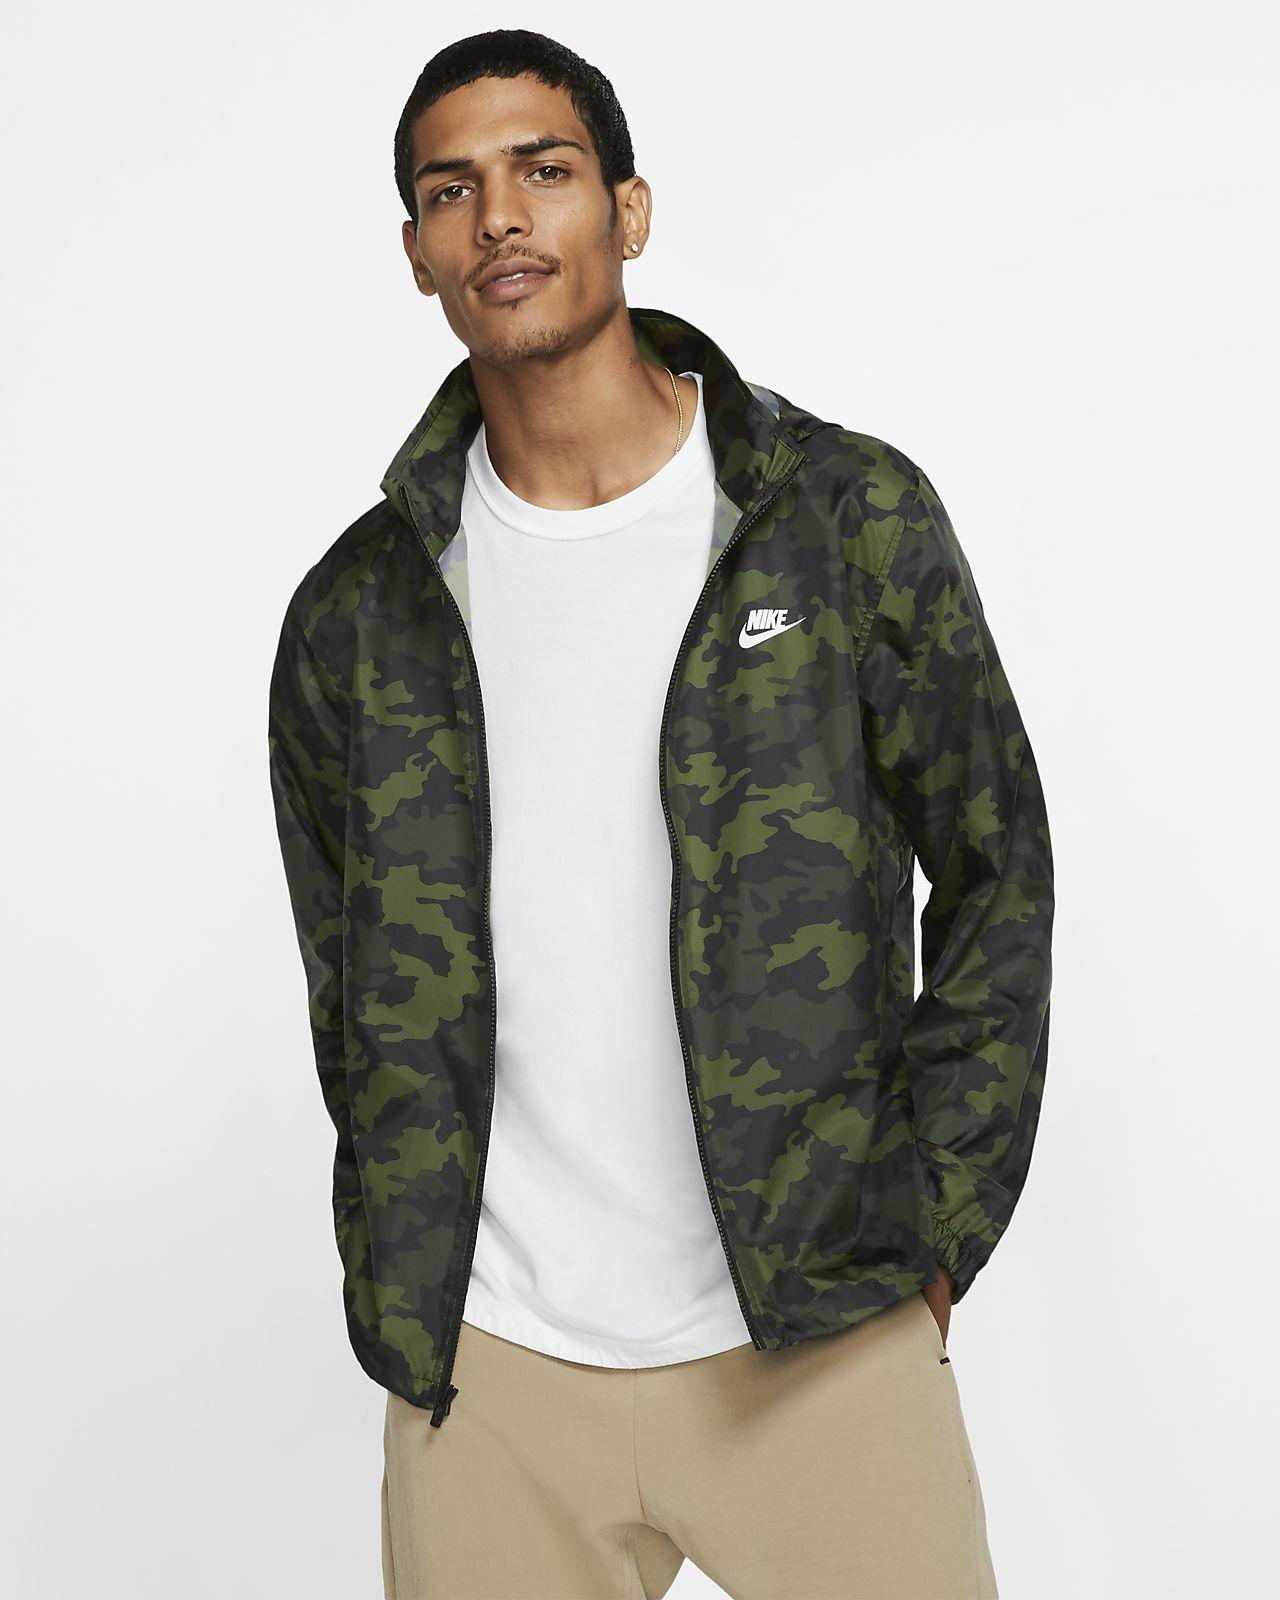 Nike Sportswear-camo-jakke med hætte til mænd